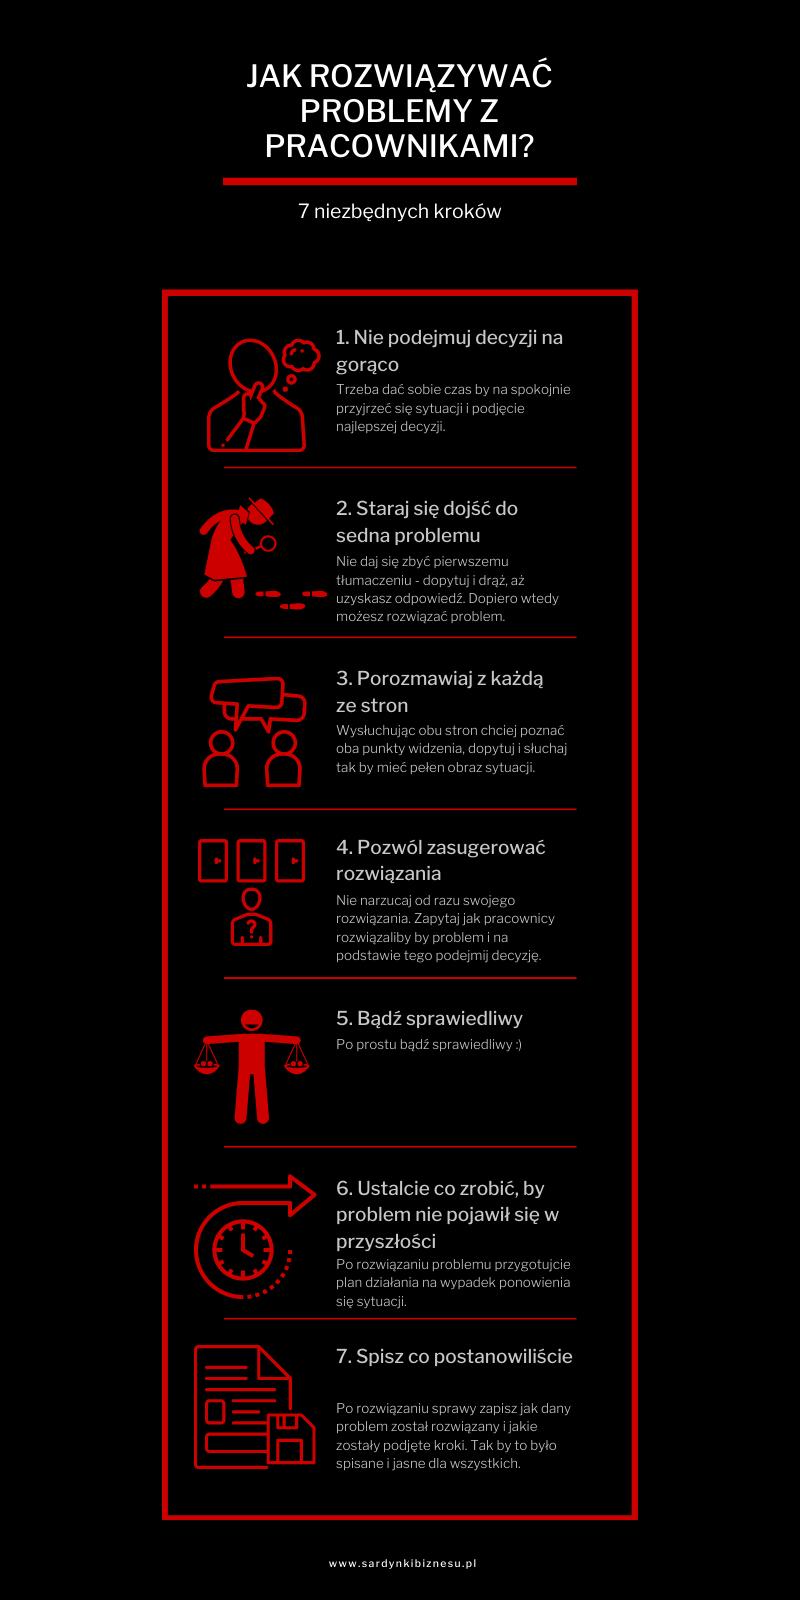 Jak rozwiązywać problemy z pracownikami - 7 ważnych kroków, o których warto pamiętać.